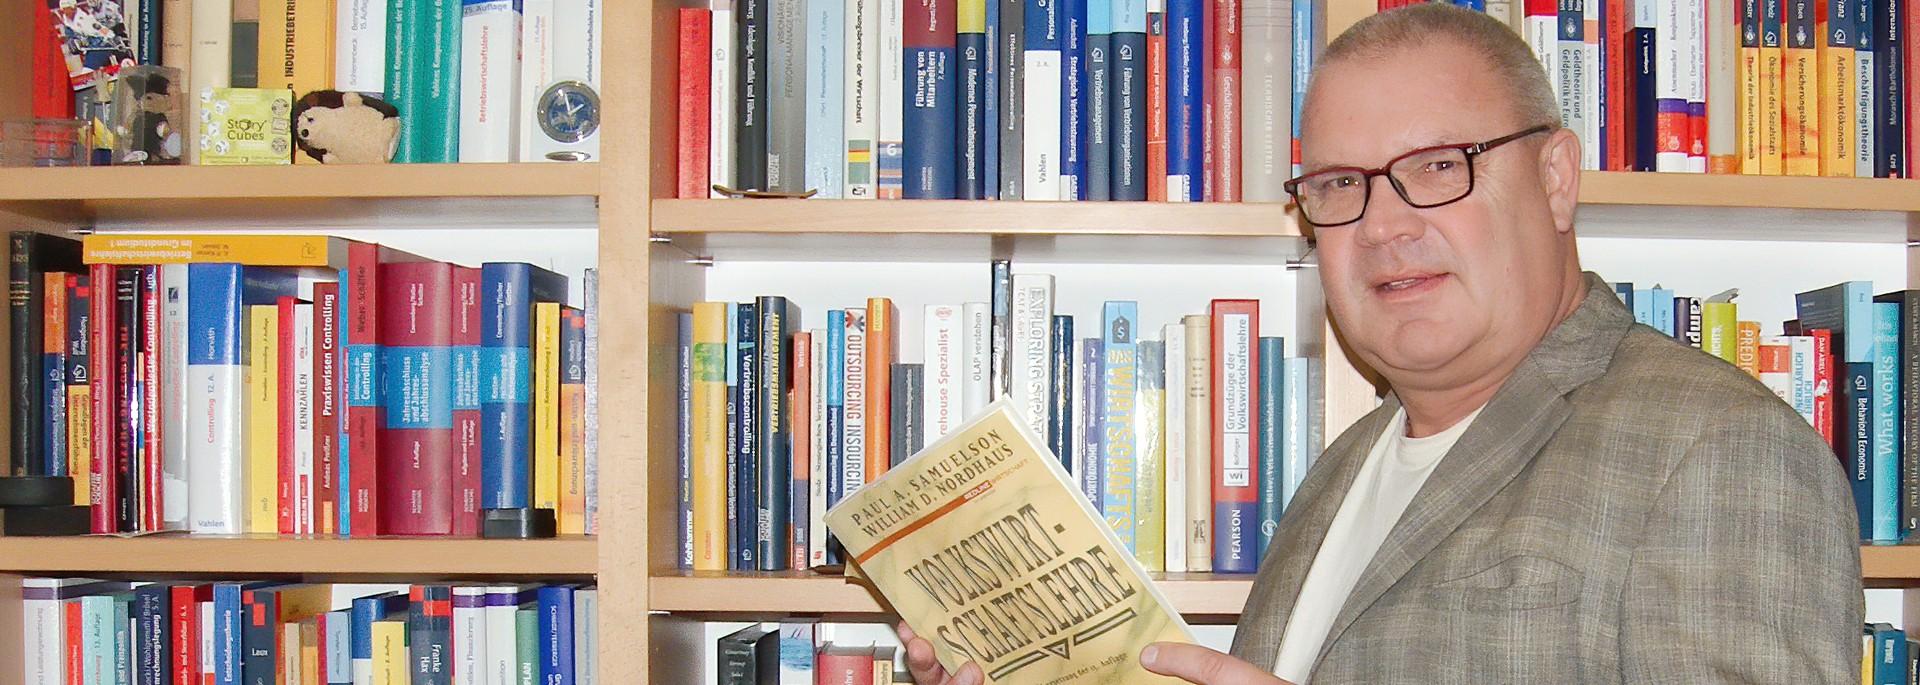 Praktisch lernen - Ulrich Flieger - Aus-der-Praxis-lernen.de